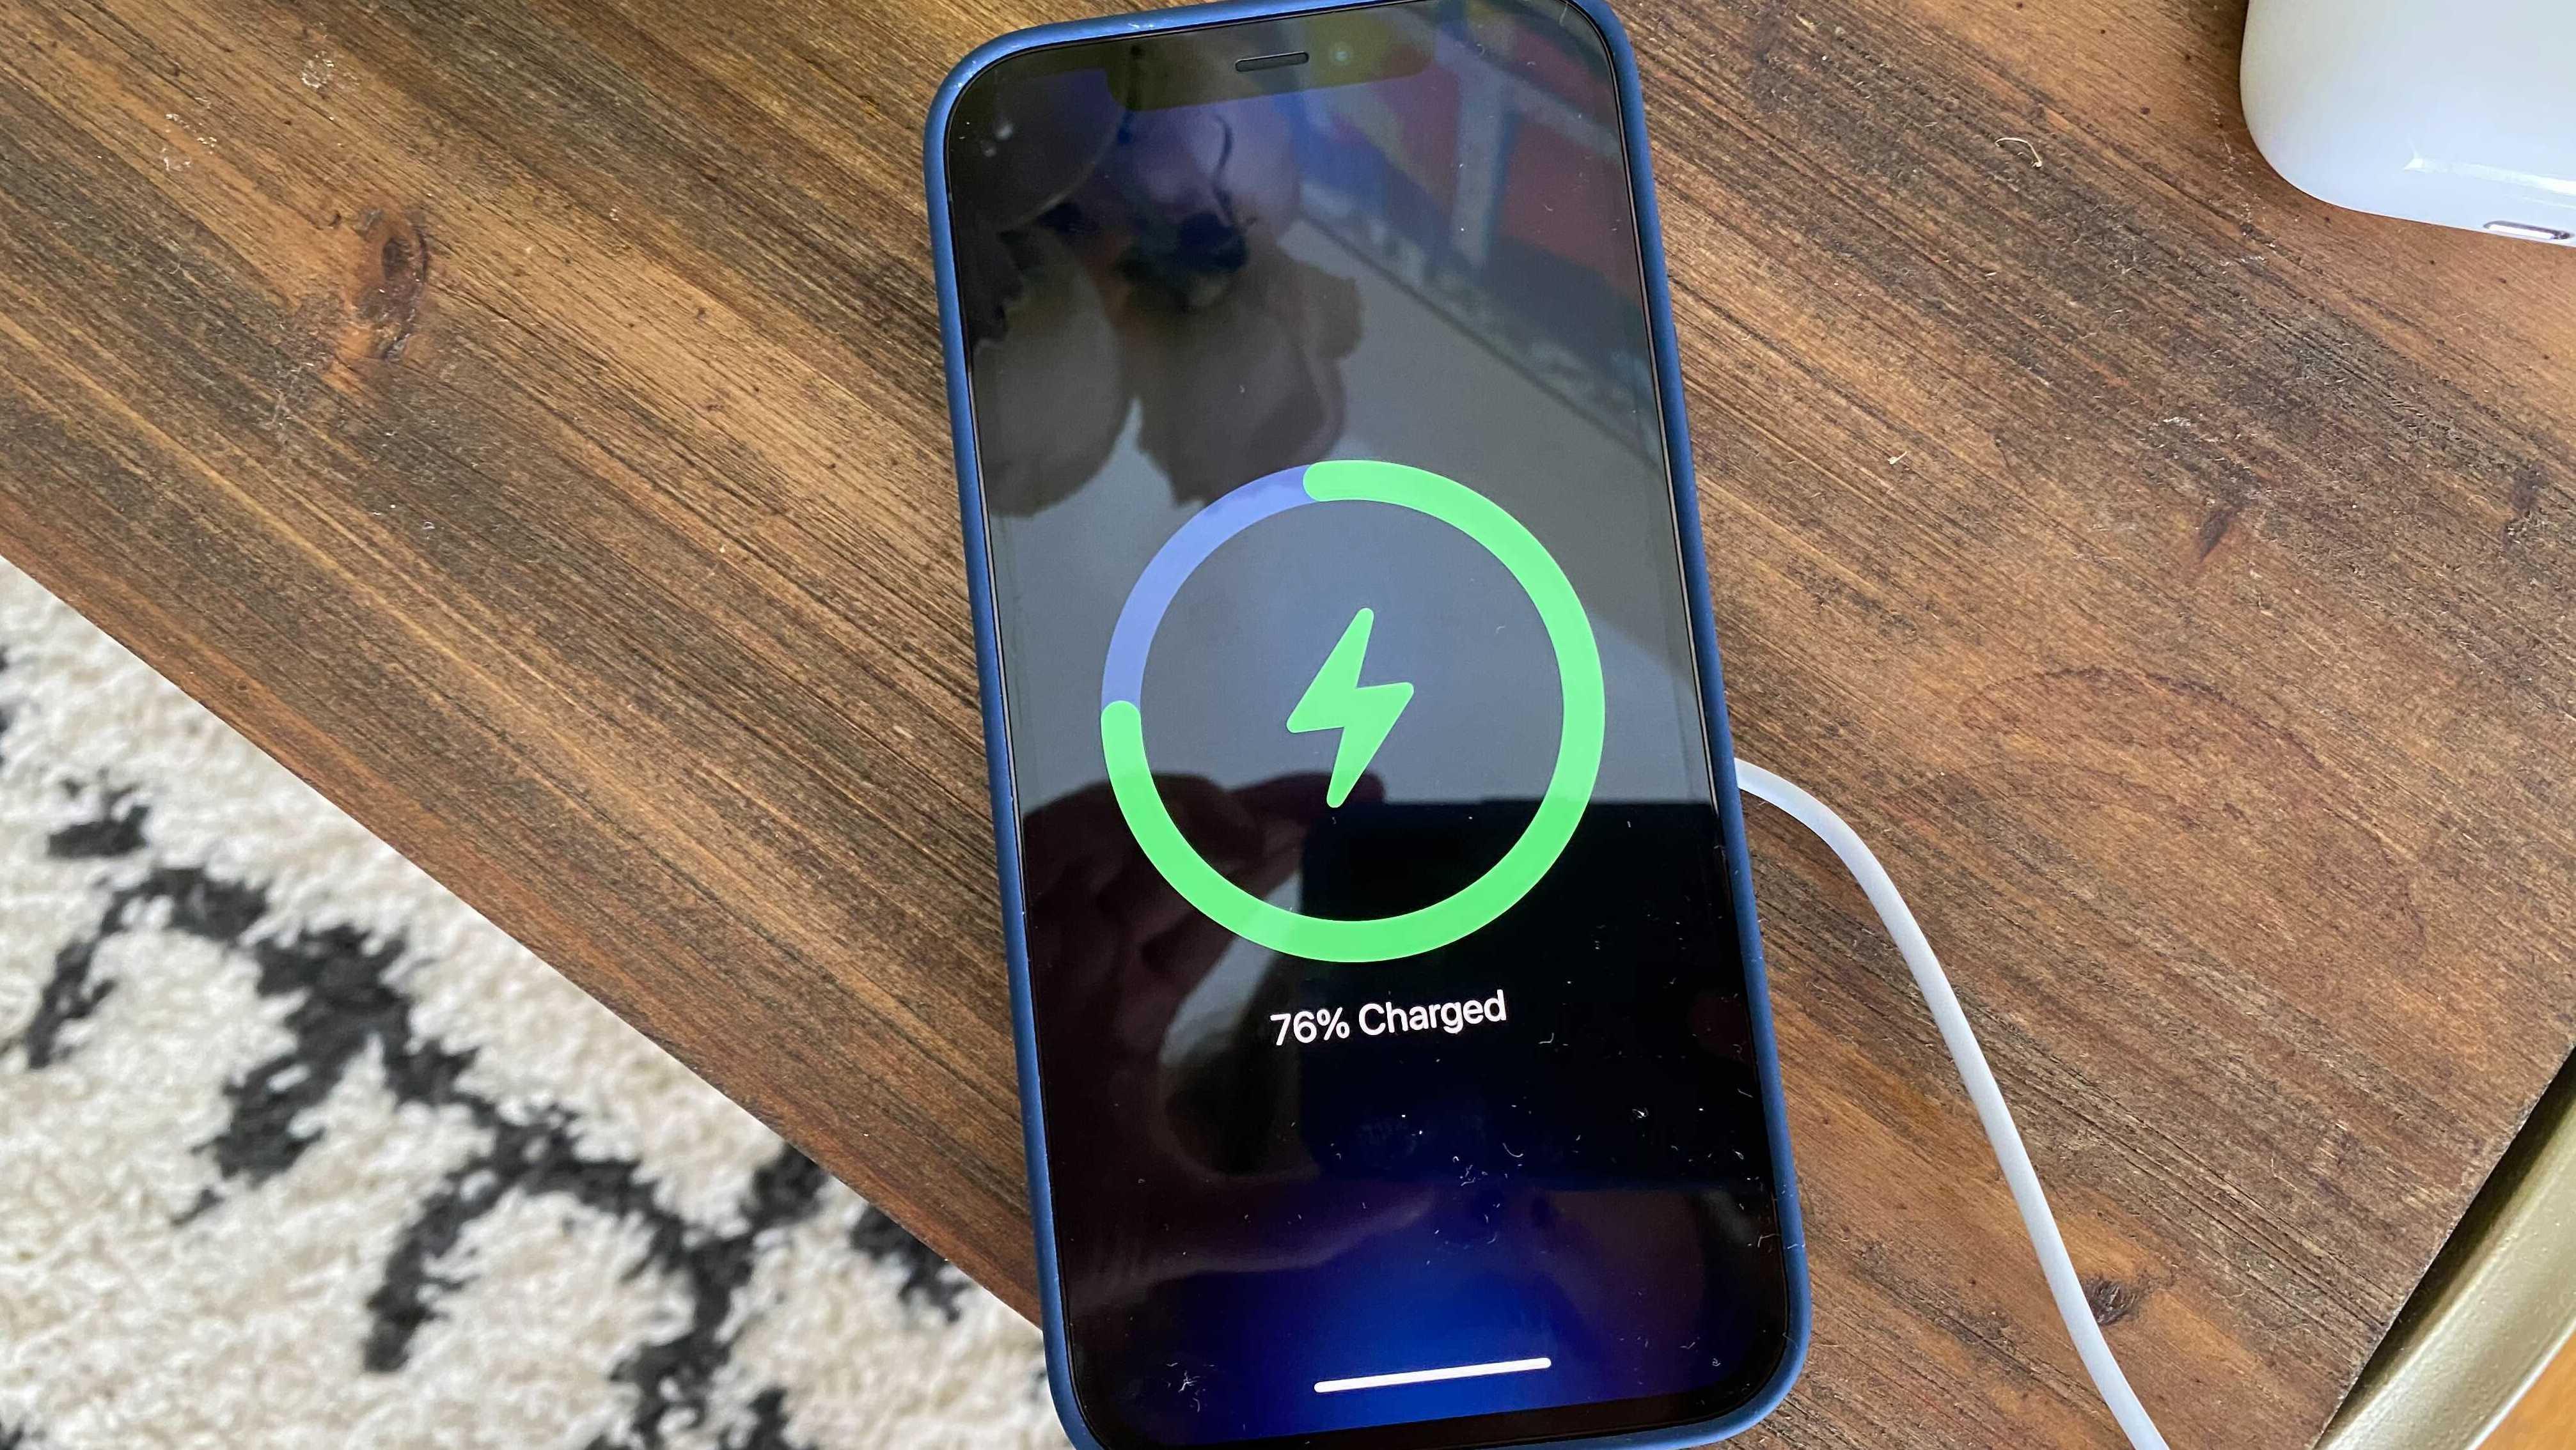 """Sạc không dây MagSafe của Apple """"ngon"""", nhưng chưa thể nói là hoàn hảo -  VnReview - Tư vấn"""